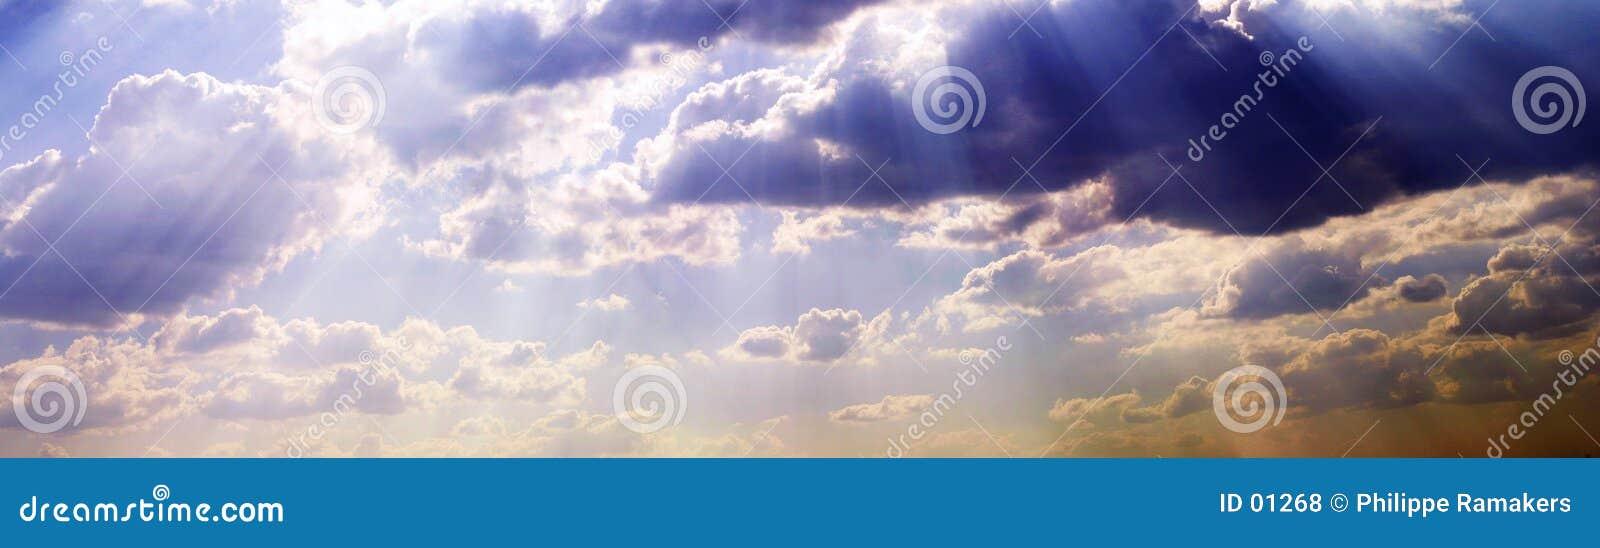 Céu largo com nuvens